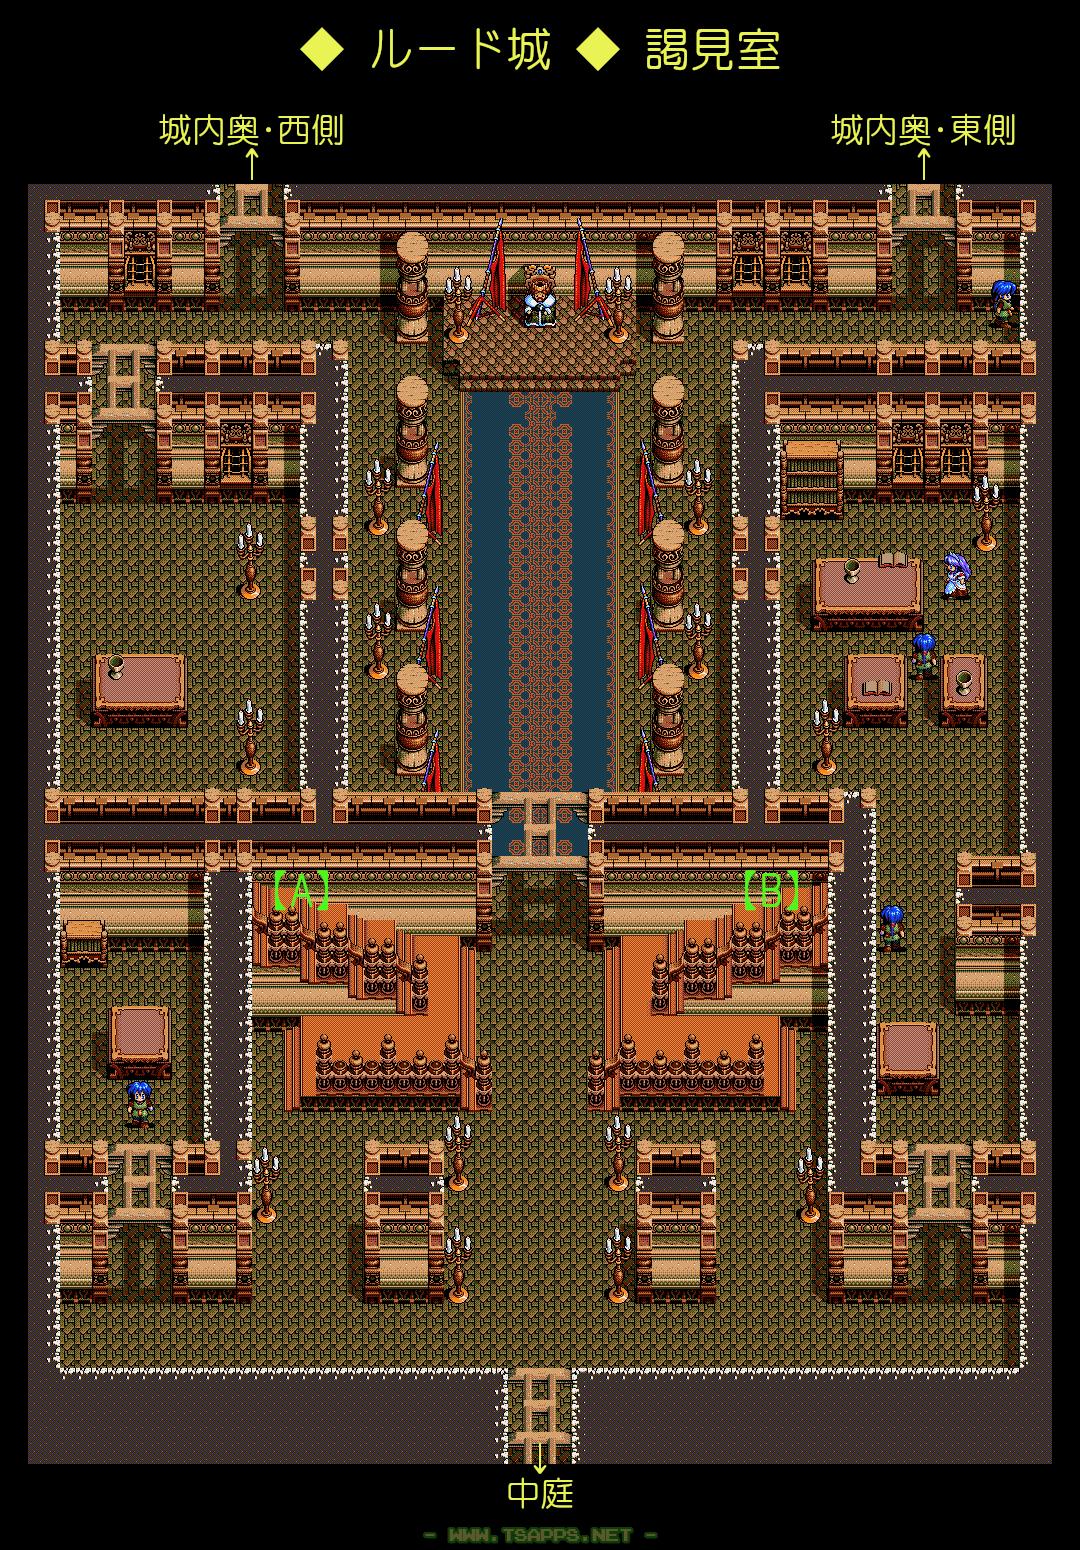 ルード城・謁見室 全体マップ